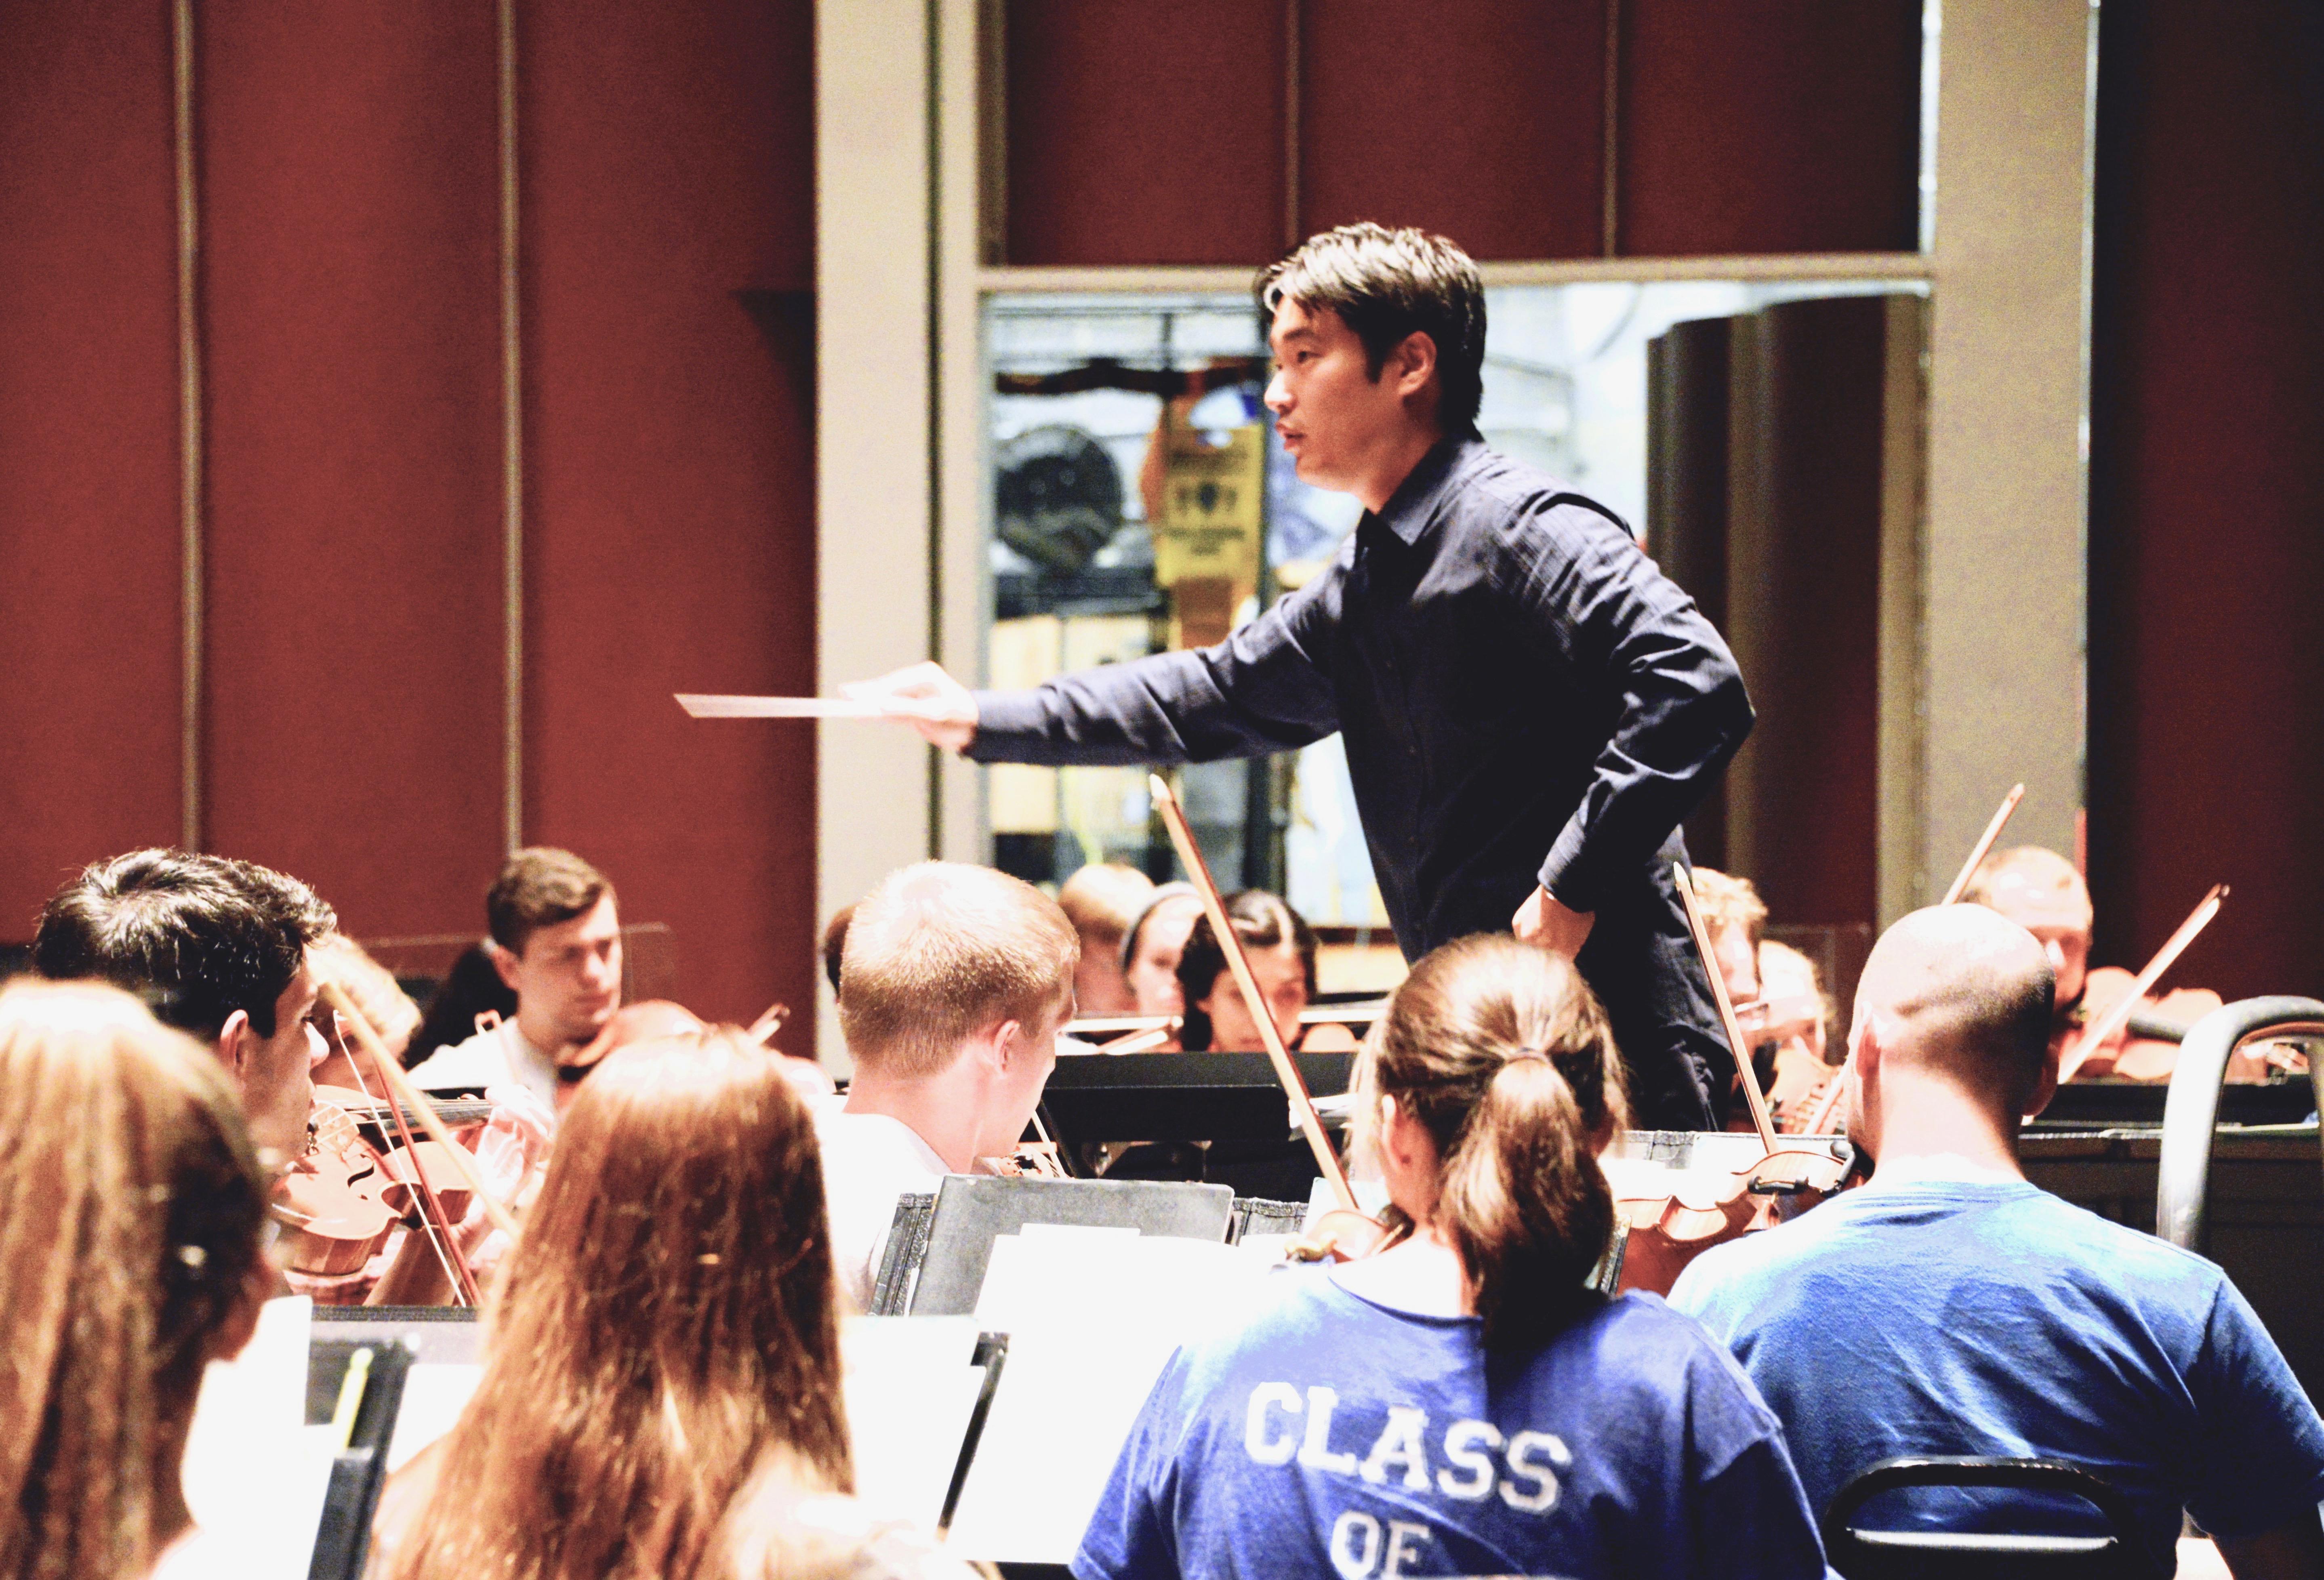 Hanjin Sa Orchestra conducting